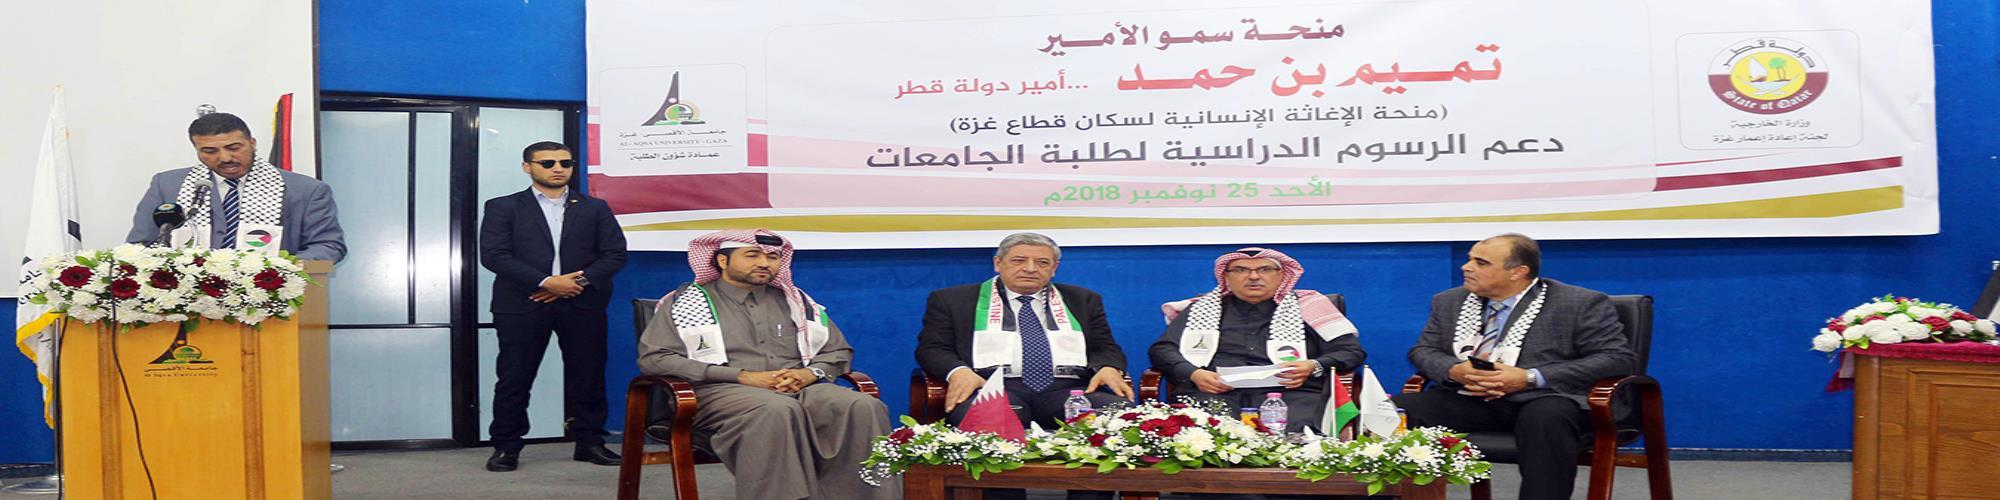 سعادة السفير القطري م .محمد العمادي